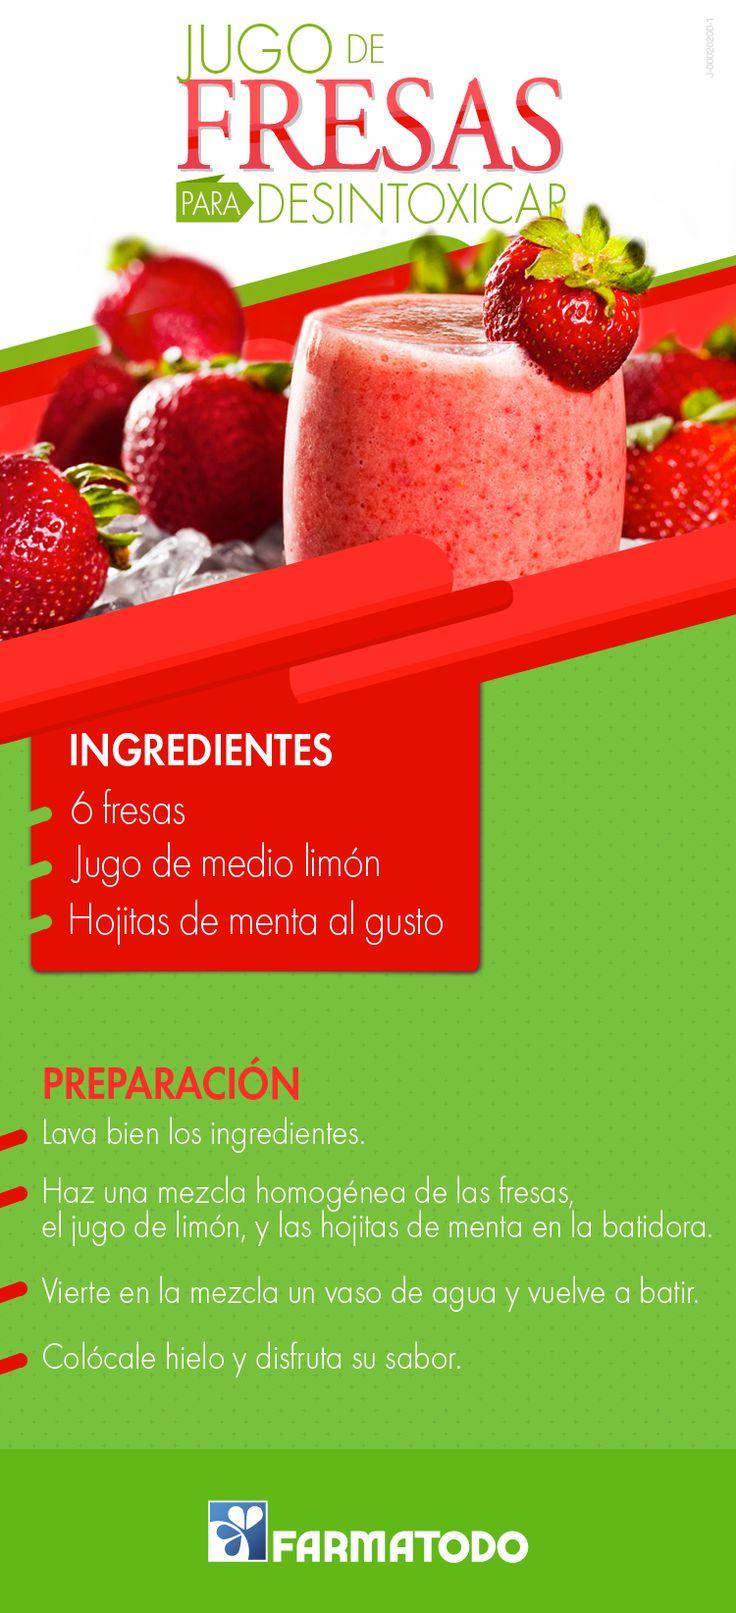 Las fresas, ricas en vitaminas y antioxidantes, son perfectas para depurar las toxinas de tu cuerpo de manera natural. ¡Prueba este rico jugo! #Salud #Alimentacion